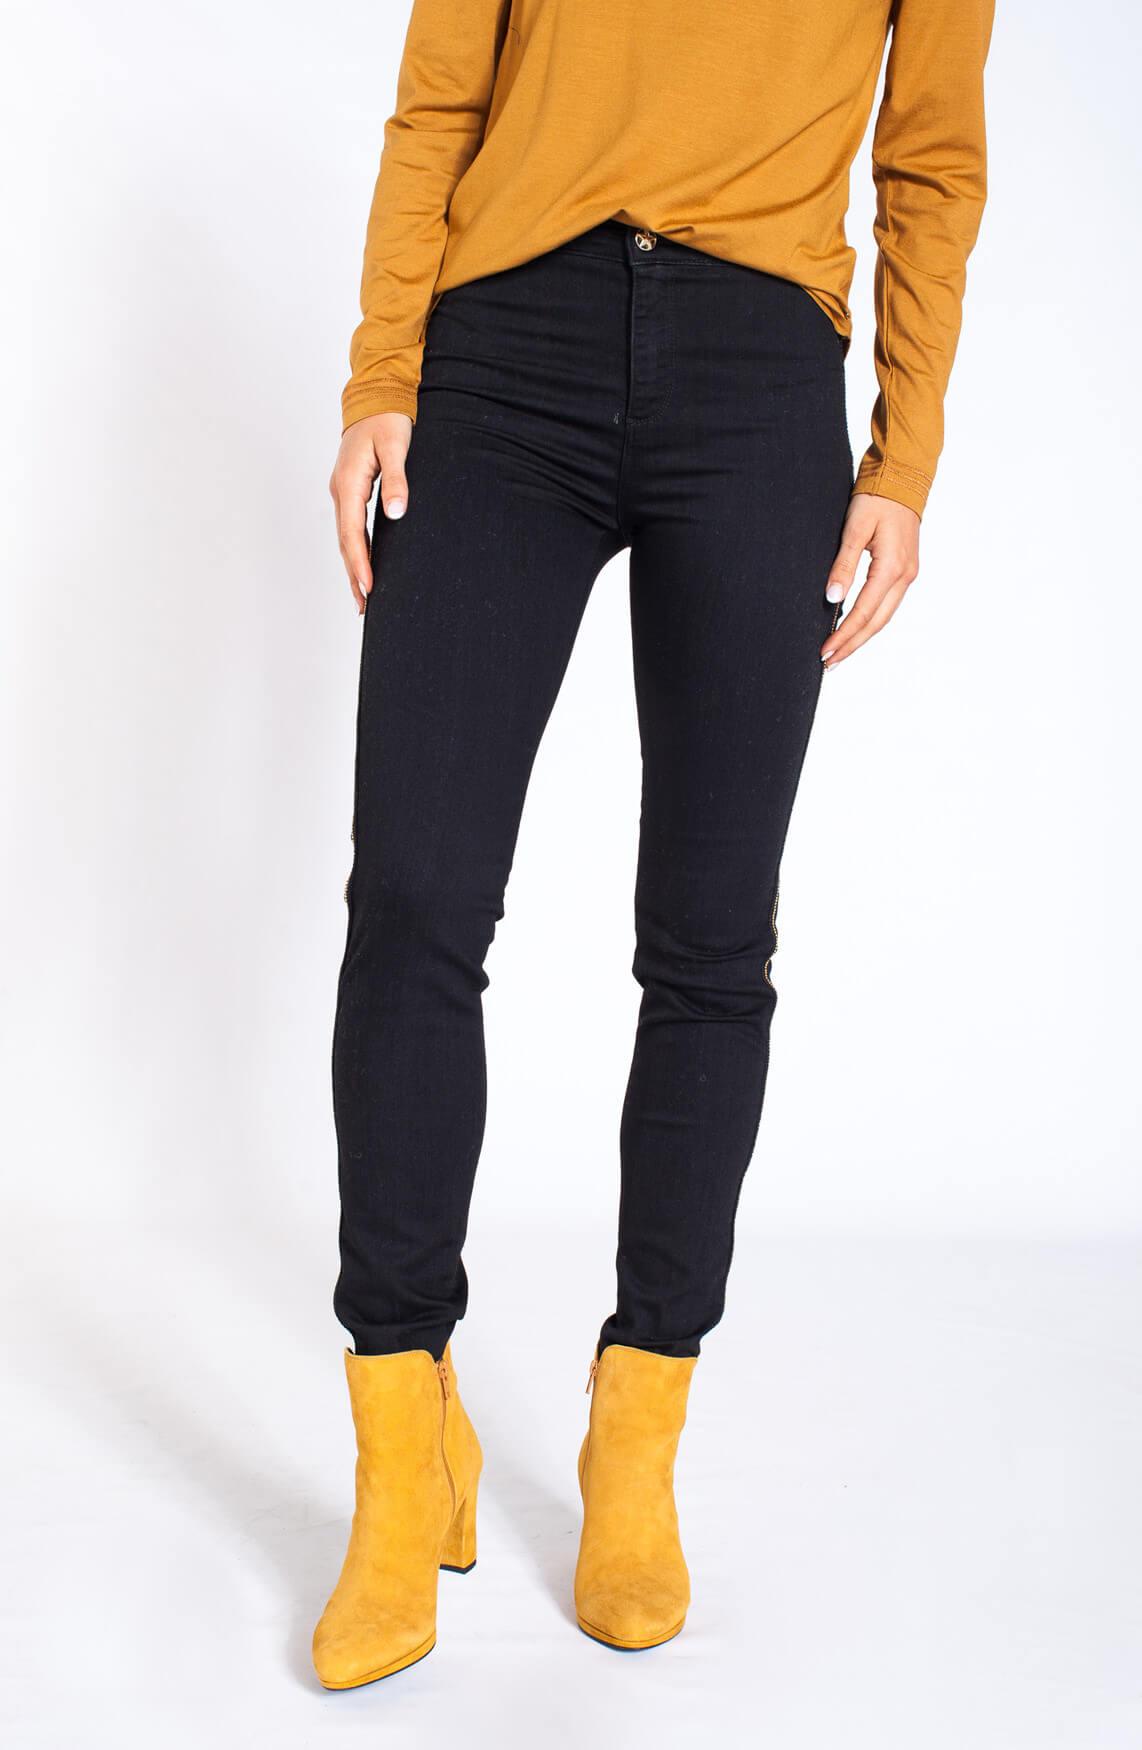 Kocca Dames Rebby skinny jeans zwart